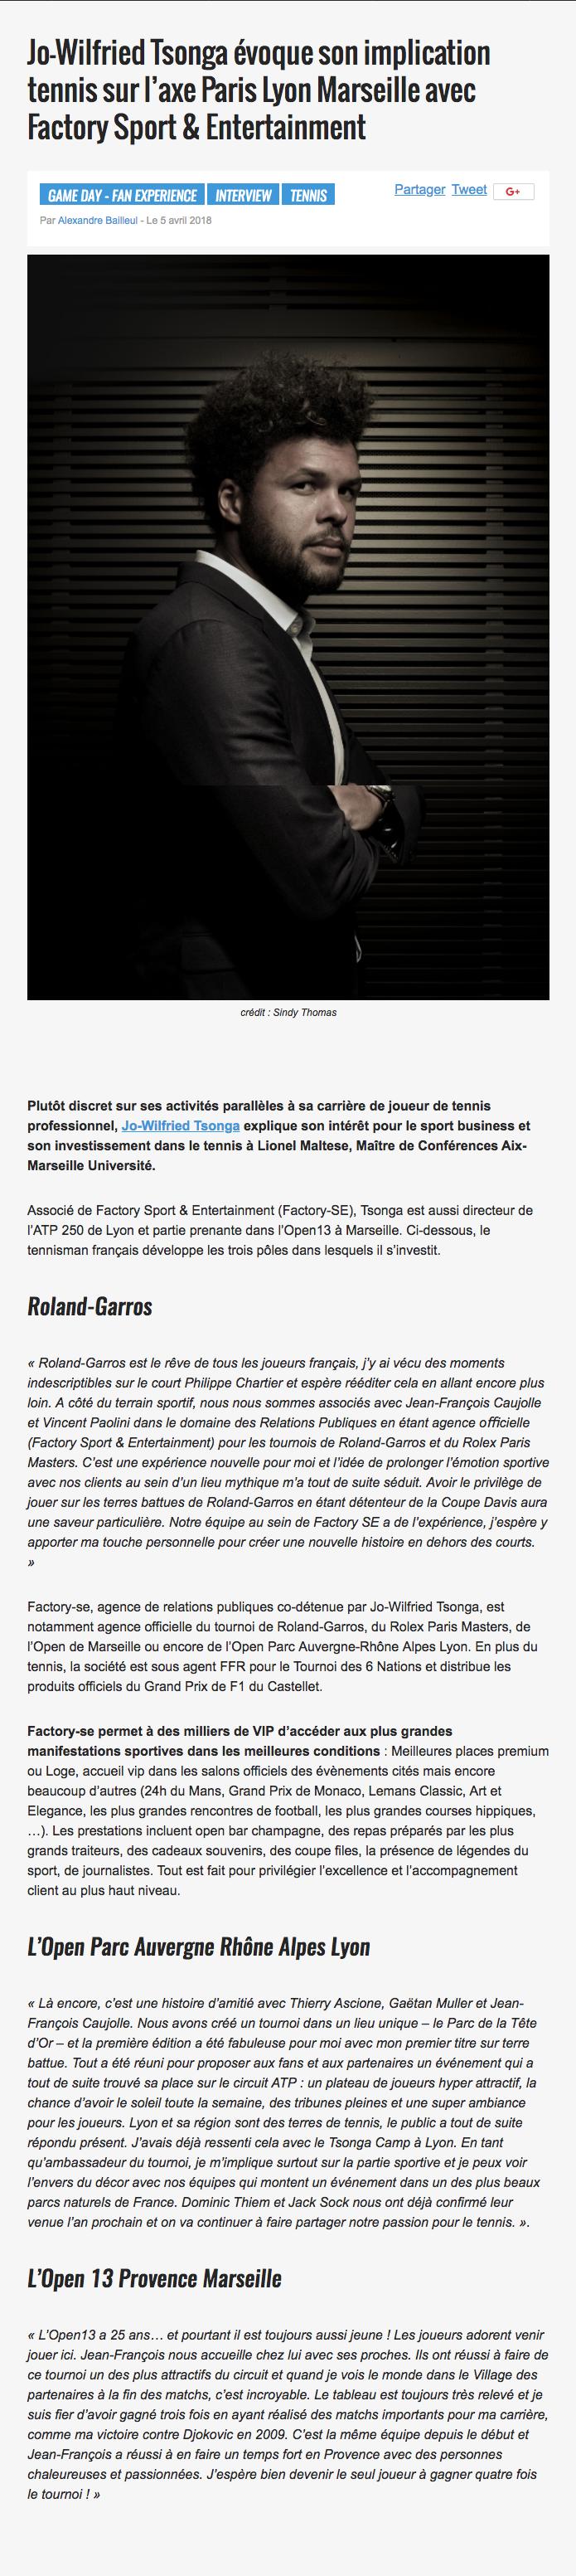 Jo-Wilfried-Tsonga-evoque-son-implication-tennis-sur-l-axe-Paris-Lyon-Marseille-avec-Factory-Sport-Entertainment-3